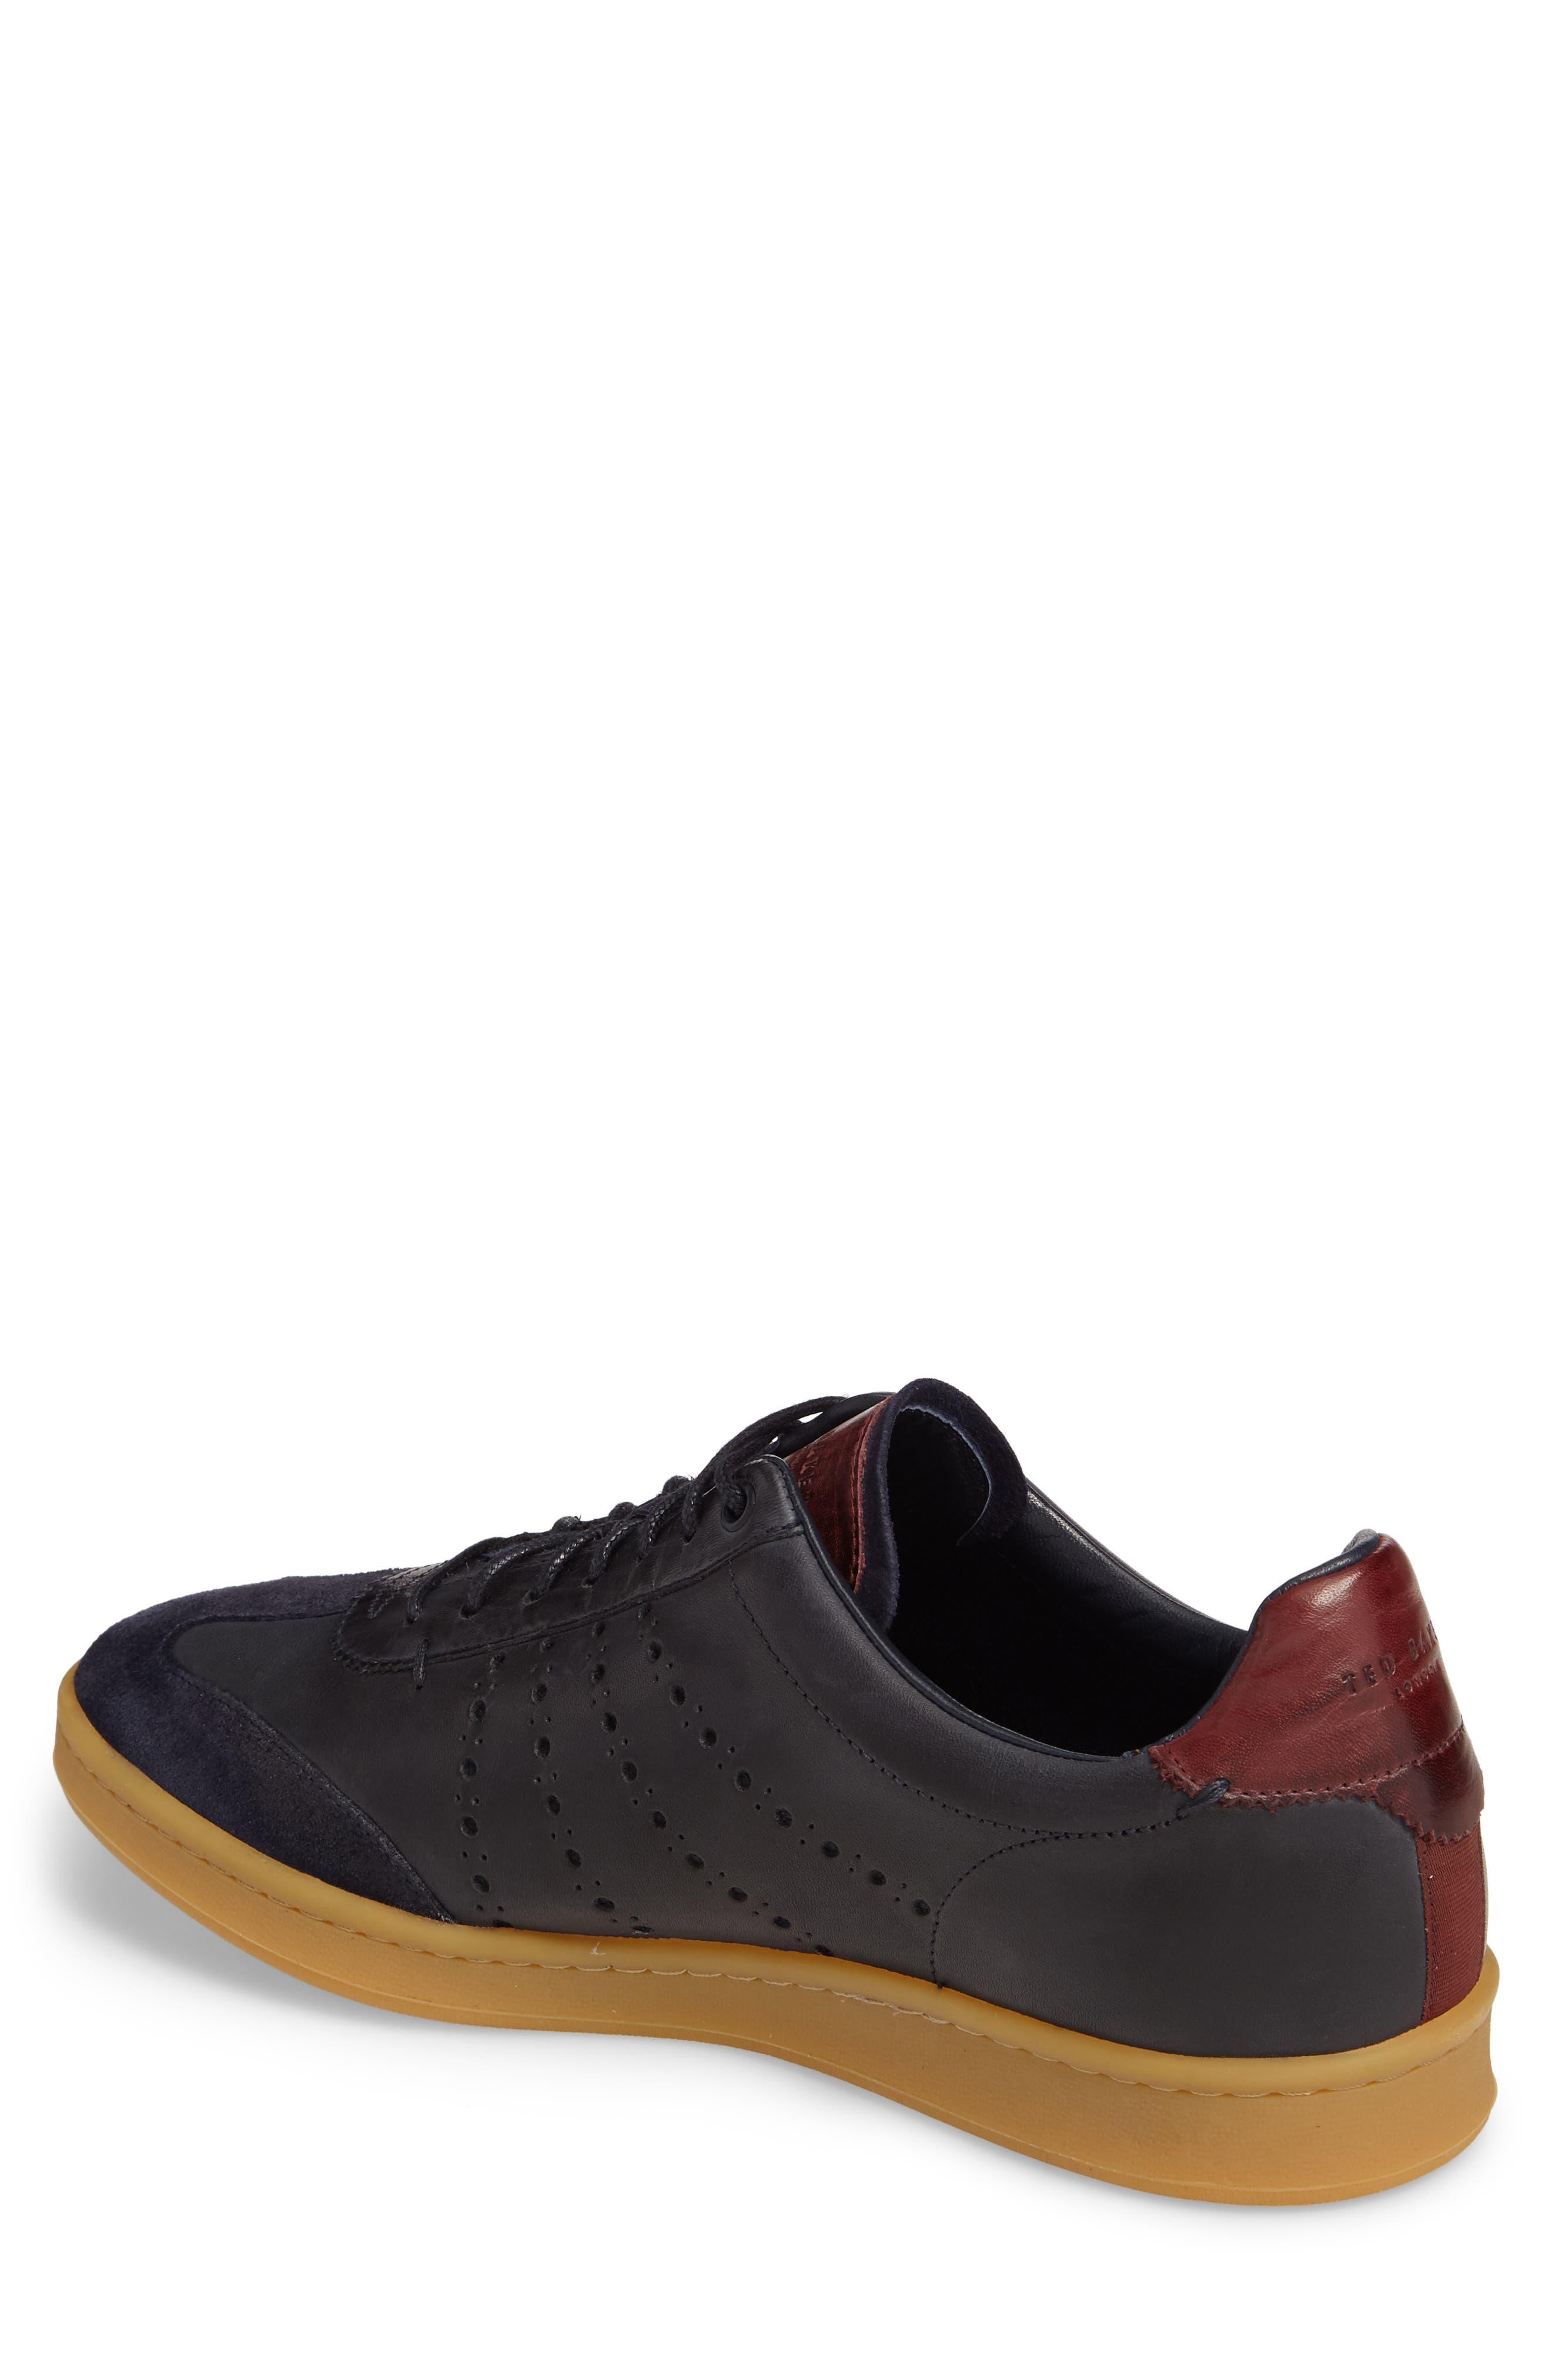 Orlee Sneaker,                             Alternate thumbnail 9, color,